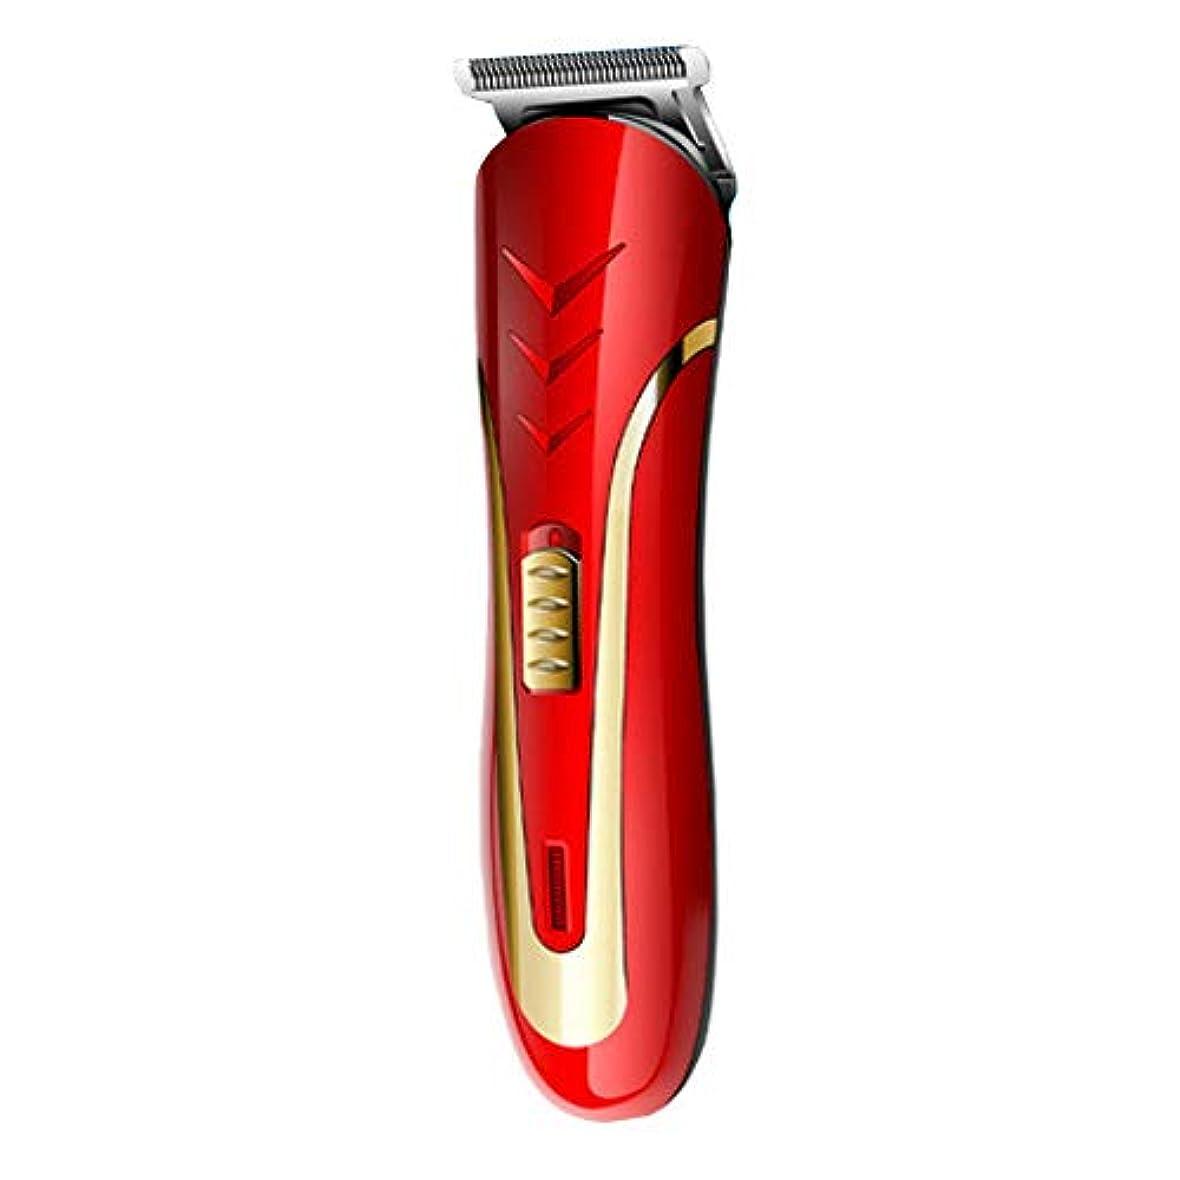 メダル口述溶融QINJLI 電気バリカン、シェービング、脱毛、電気のフェーダー、充電式ライト、制限くし 15.7 * 4.1 cm